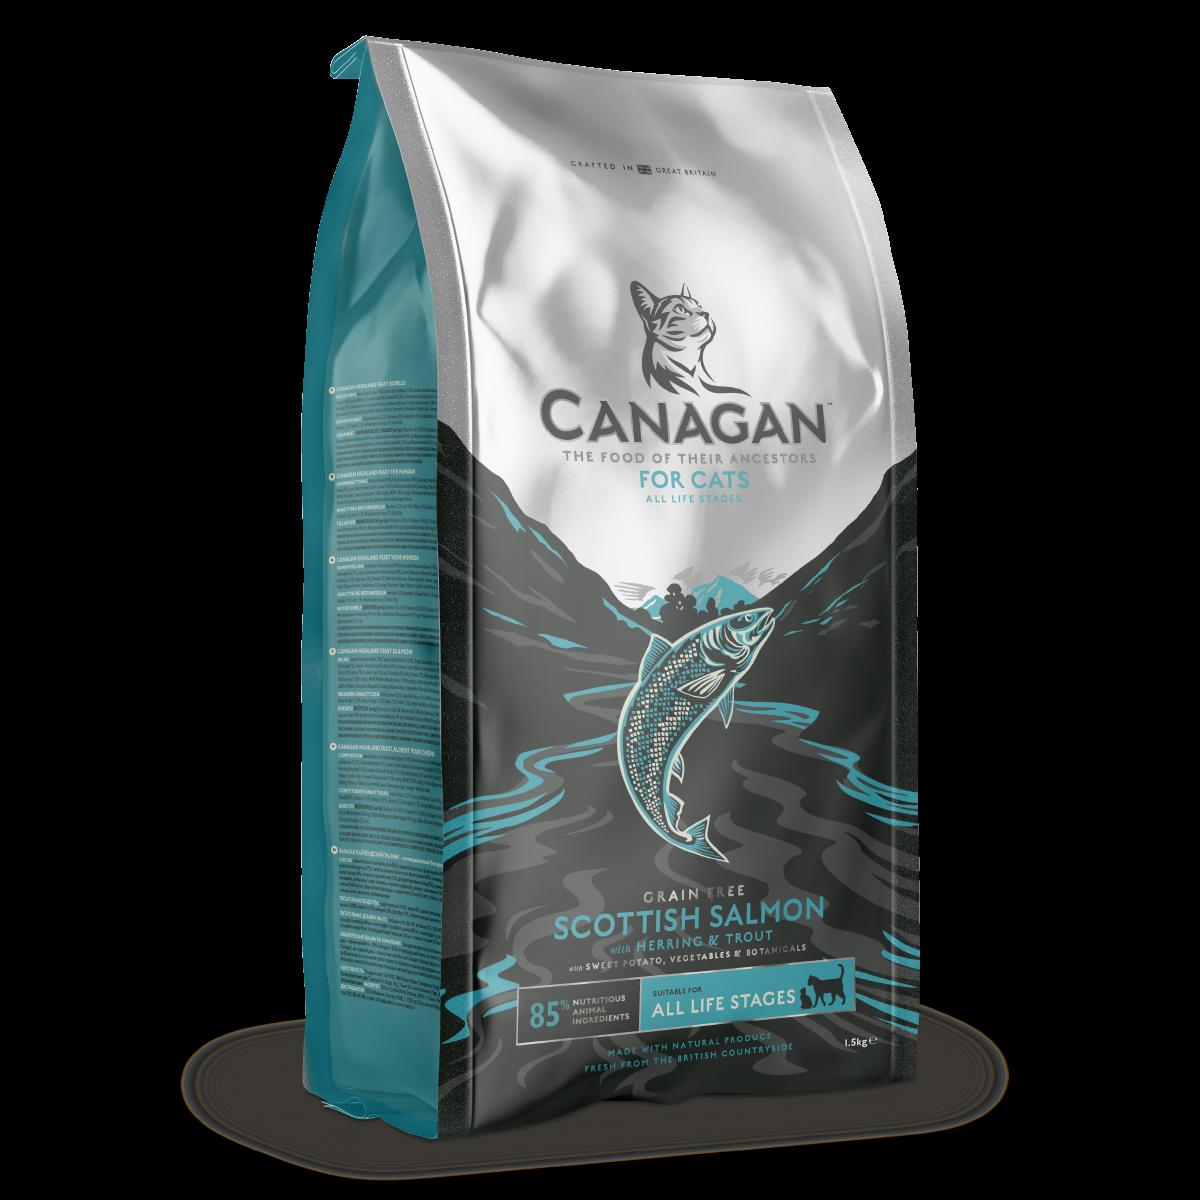 英國 CANAGAN 原之選無穀物天然貓糧 - 蘇格蘭三文魚配方